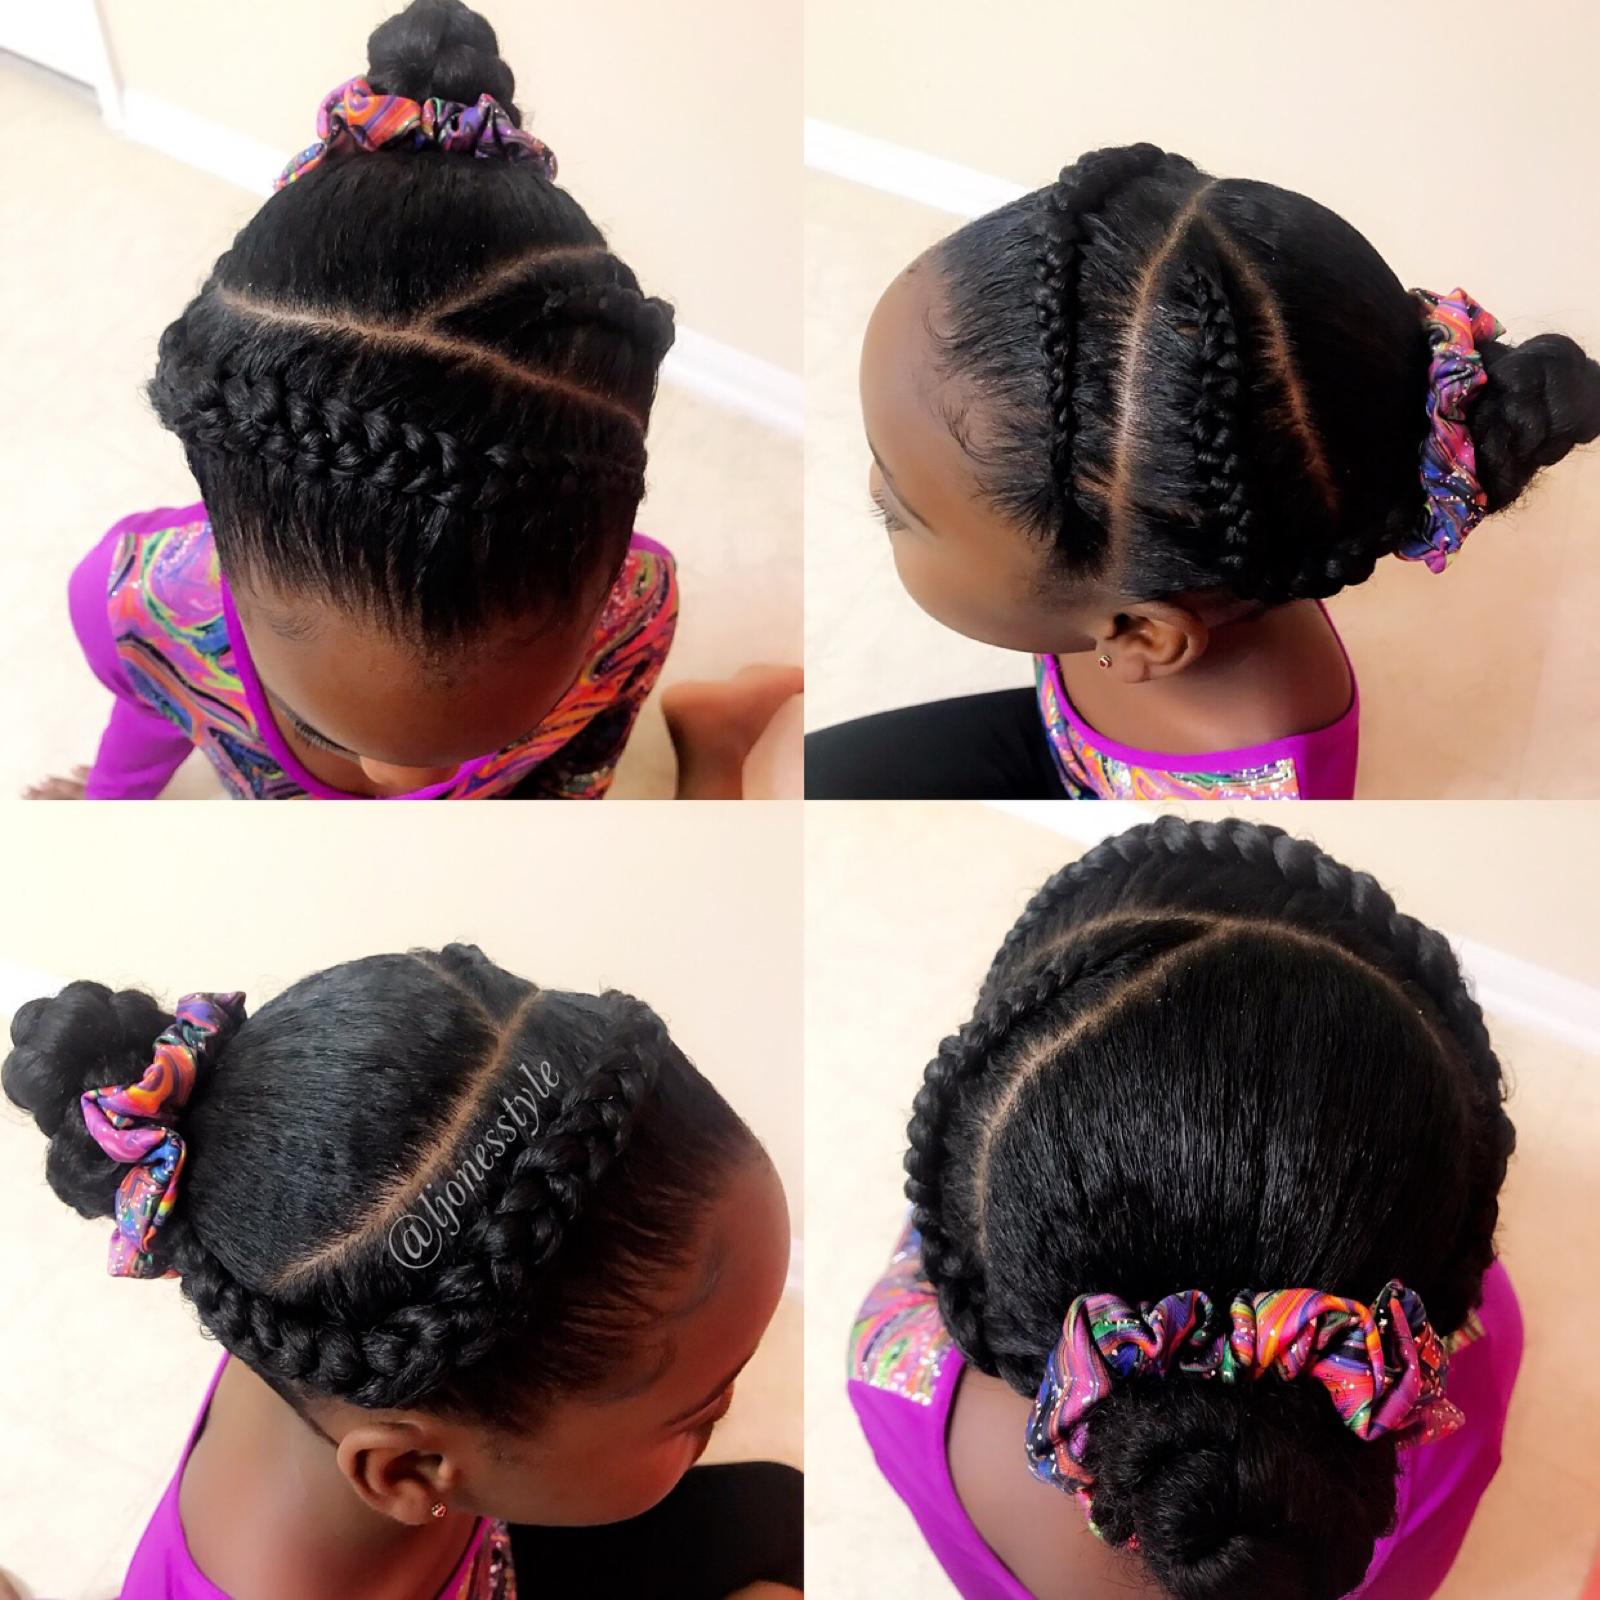 Black Girls Gymnastics Hair Blackgirlsrock Naturalhairstyles Gymnast Gymnasticshair Ljonesstyle Gymnastics Hair Kids Braided Hairstyles Competition Hair